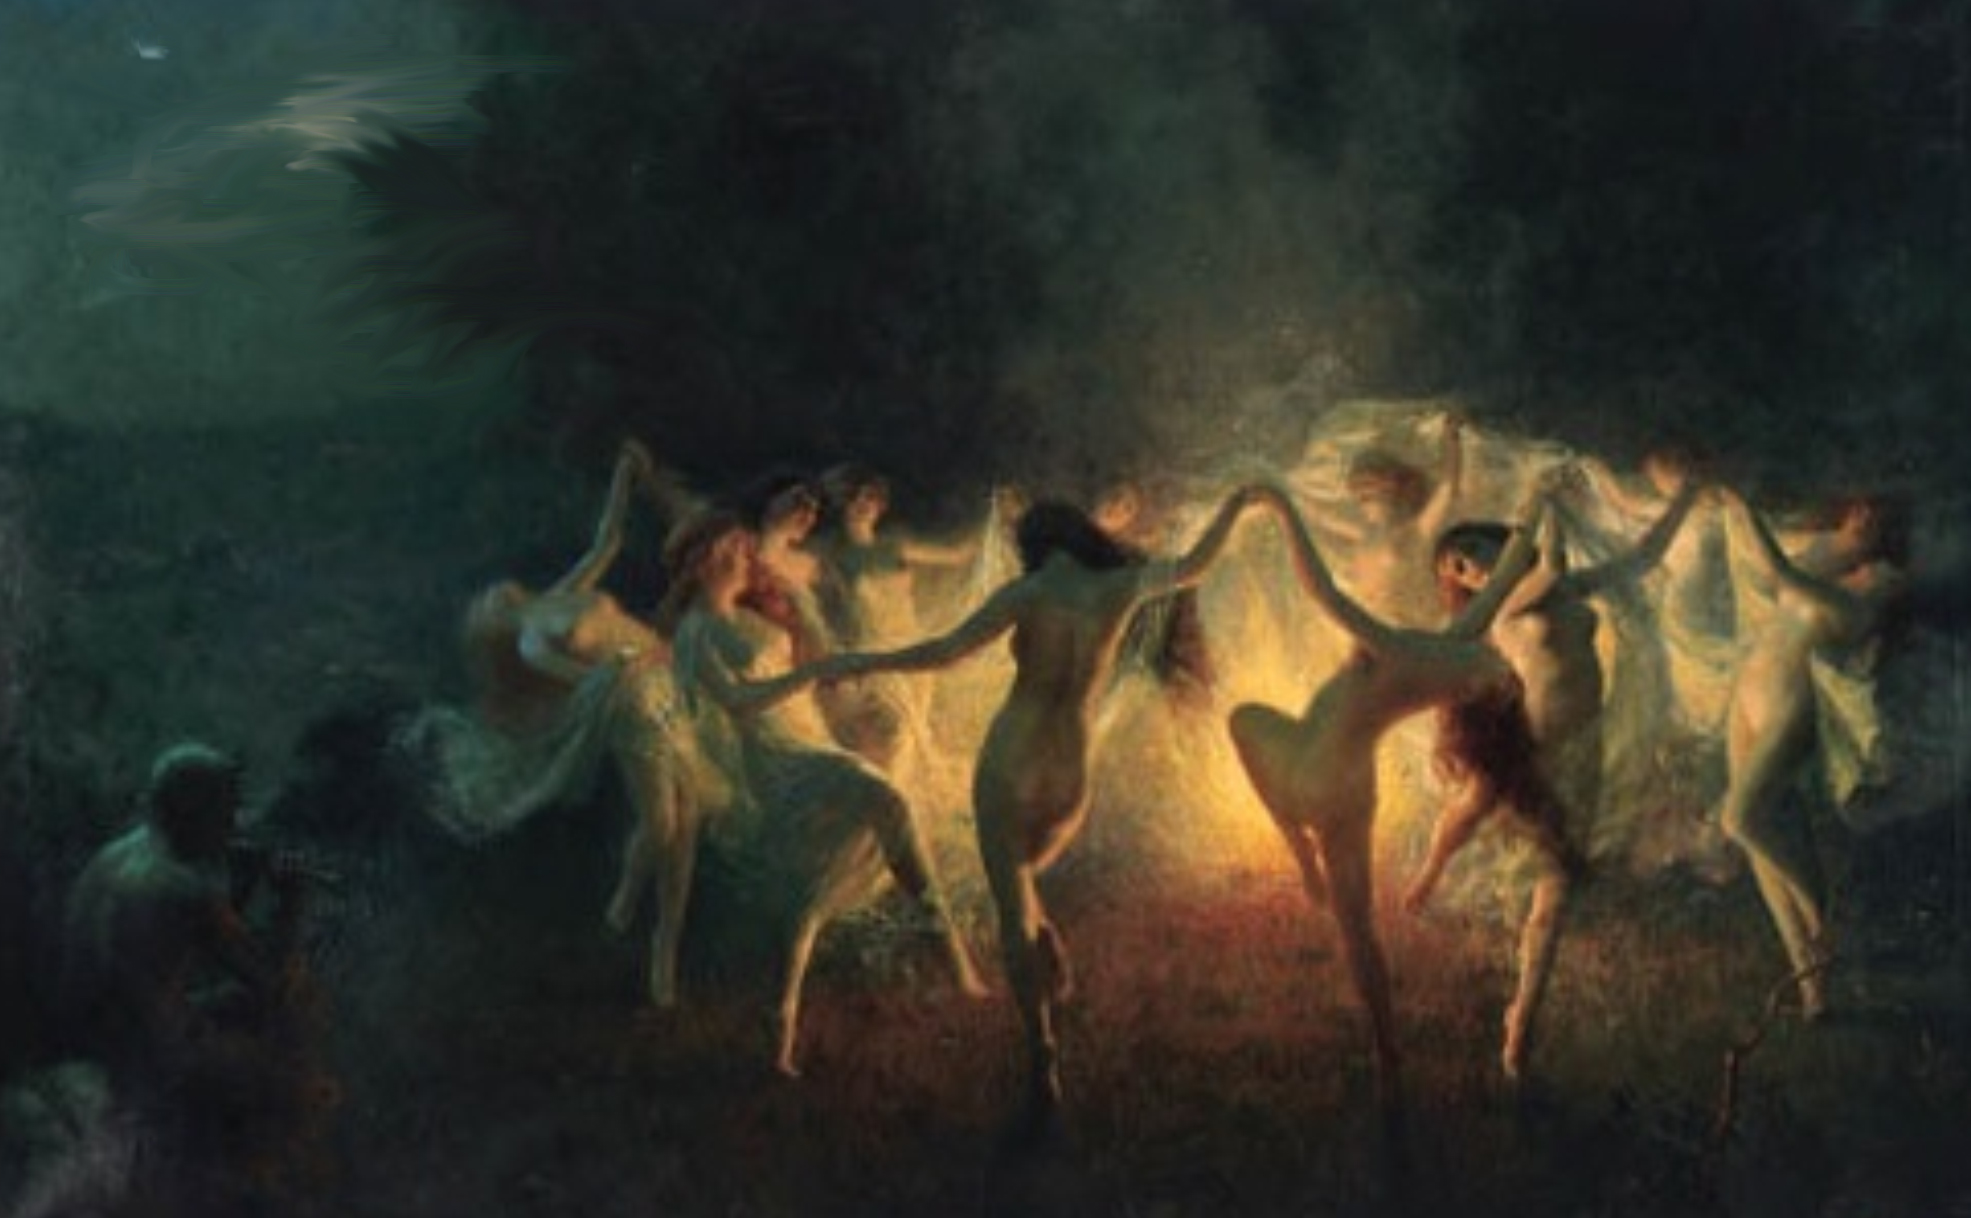 Cadılar neden süpürgeye biniyor